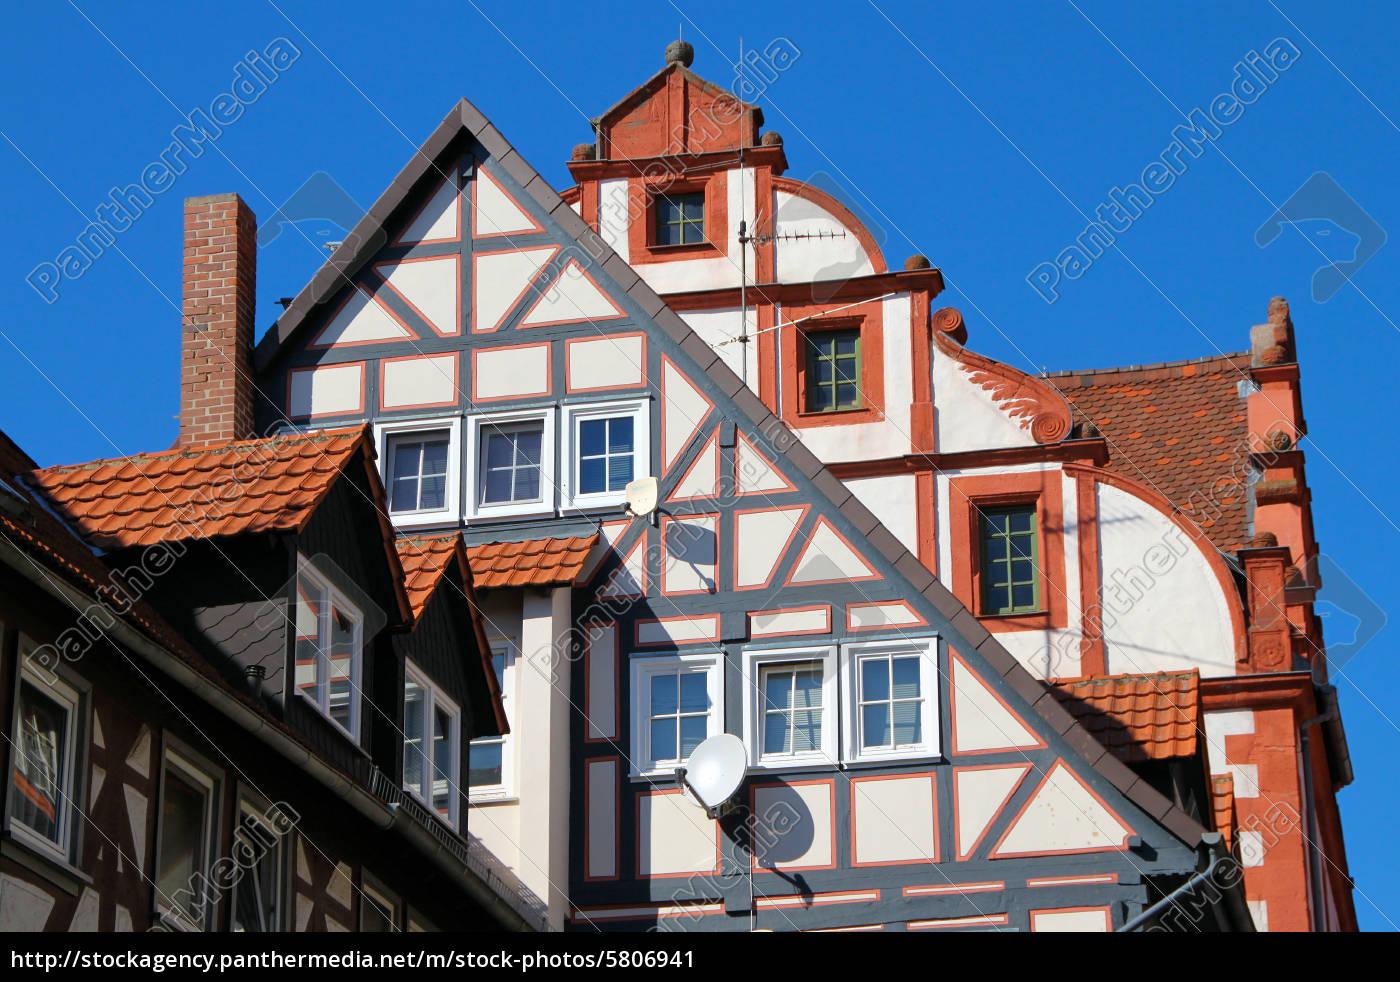 Giebel und dachformen stockfoto 5806941 bildagentur panthermedia - Dachformen architektur ...